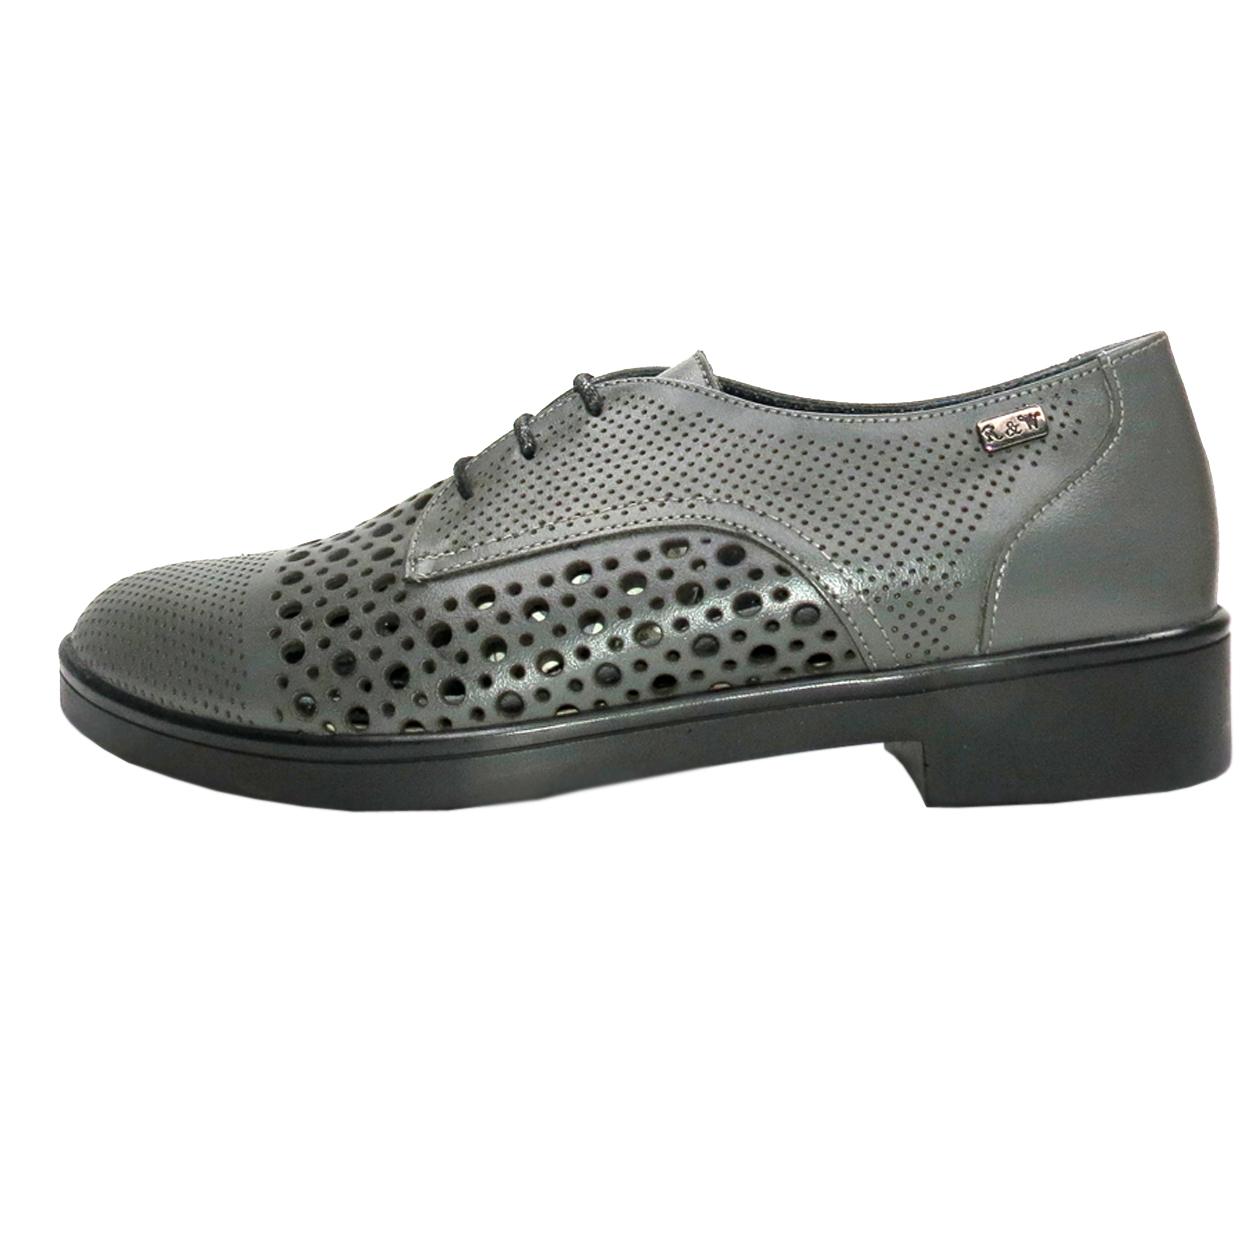 خرید                      کفش روزمره زنانه آر اند دبلیو مدل 994 رنگ طوسی